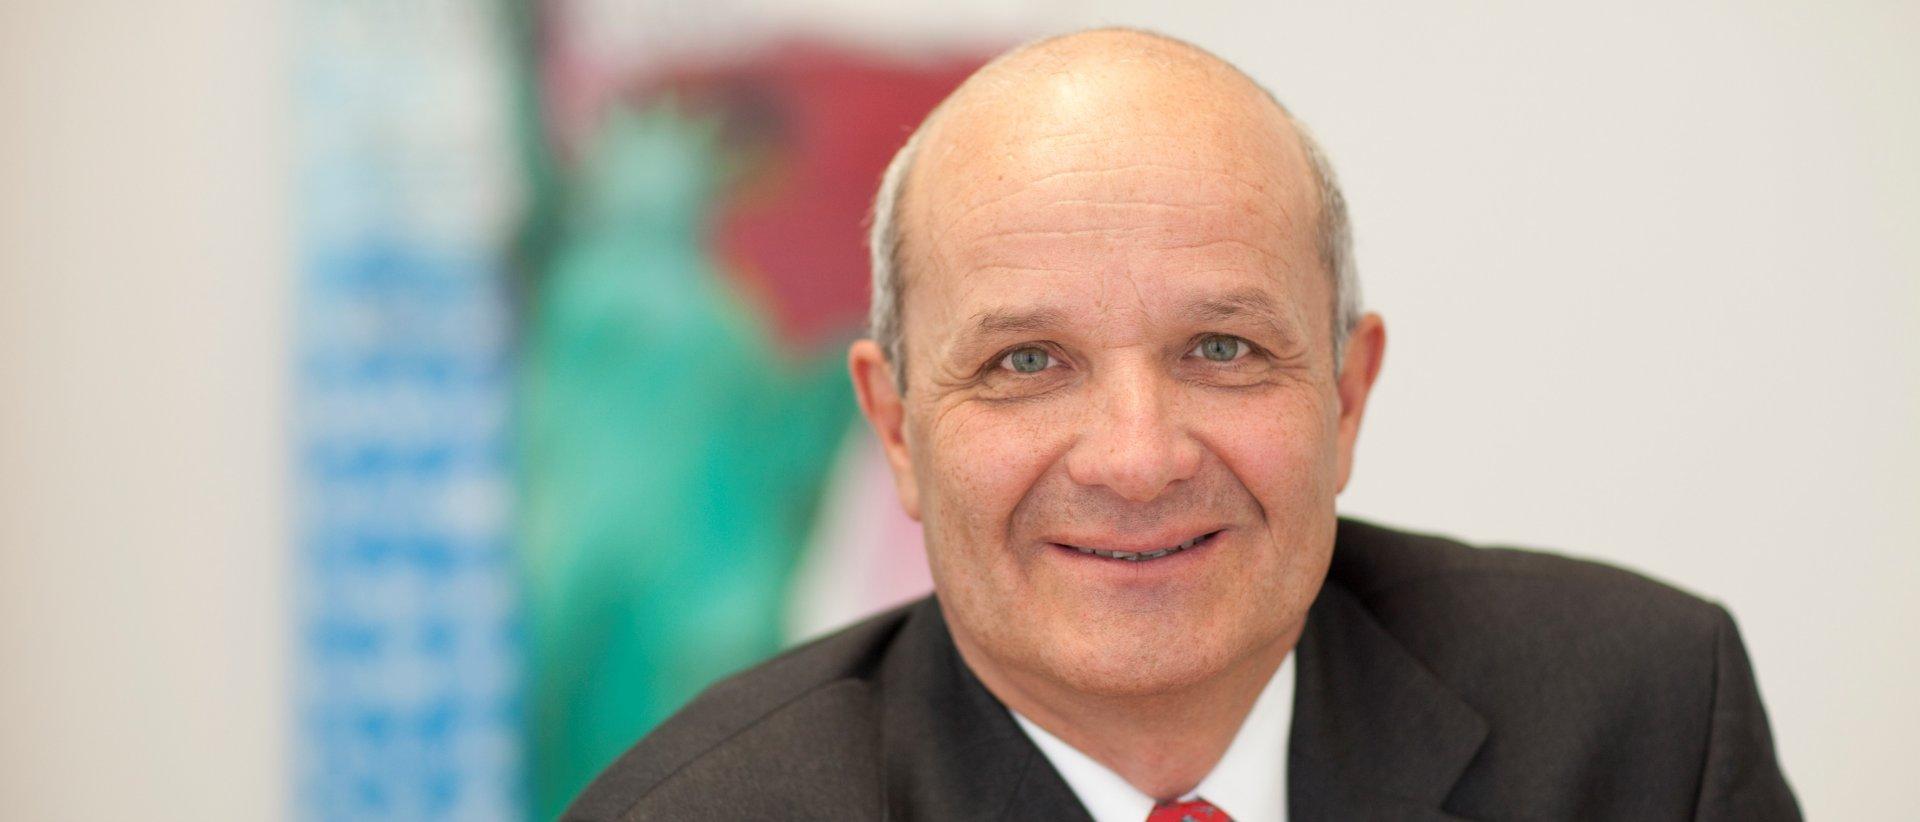 Martin Naville